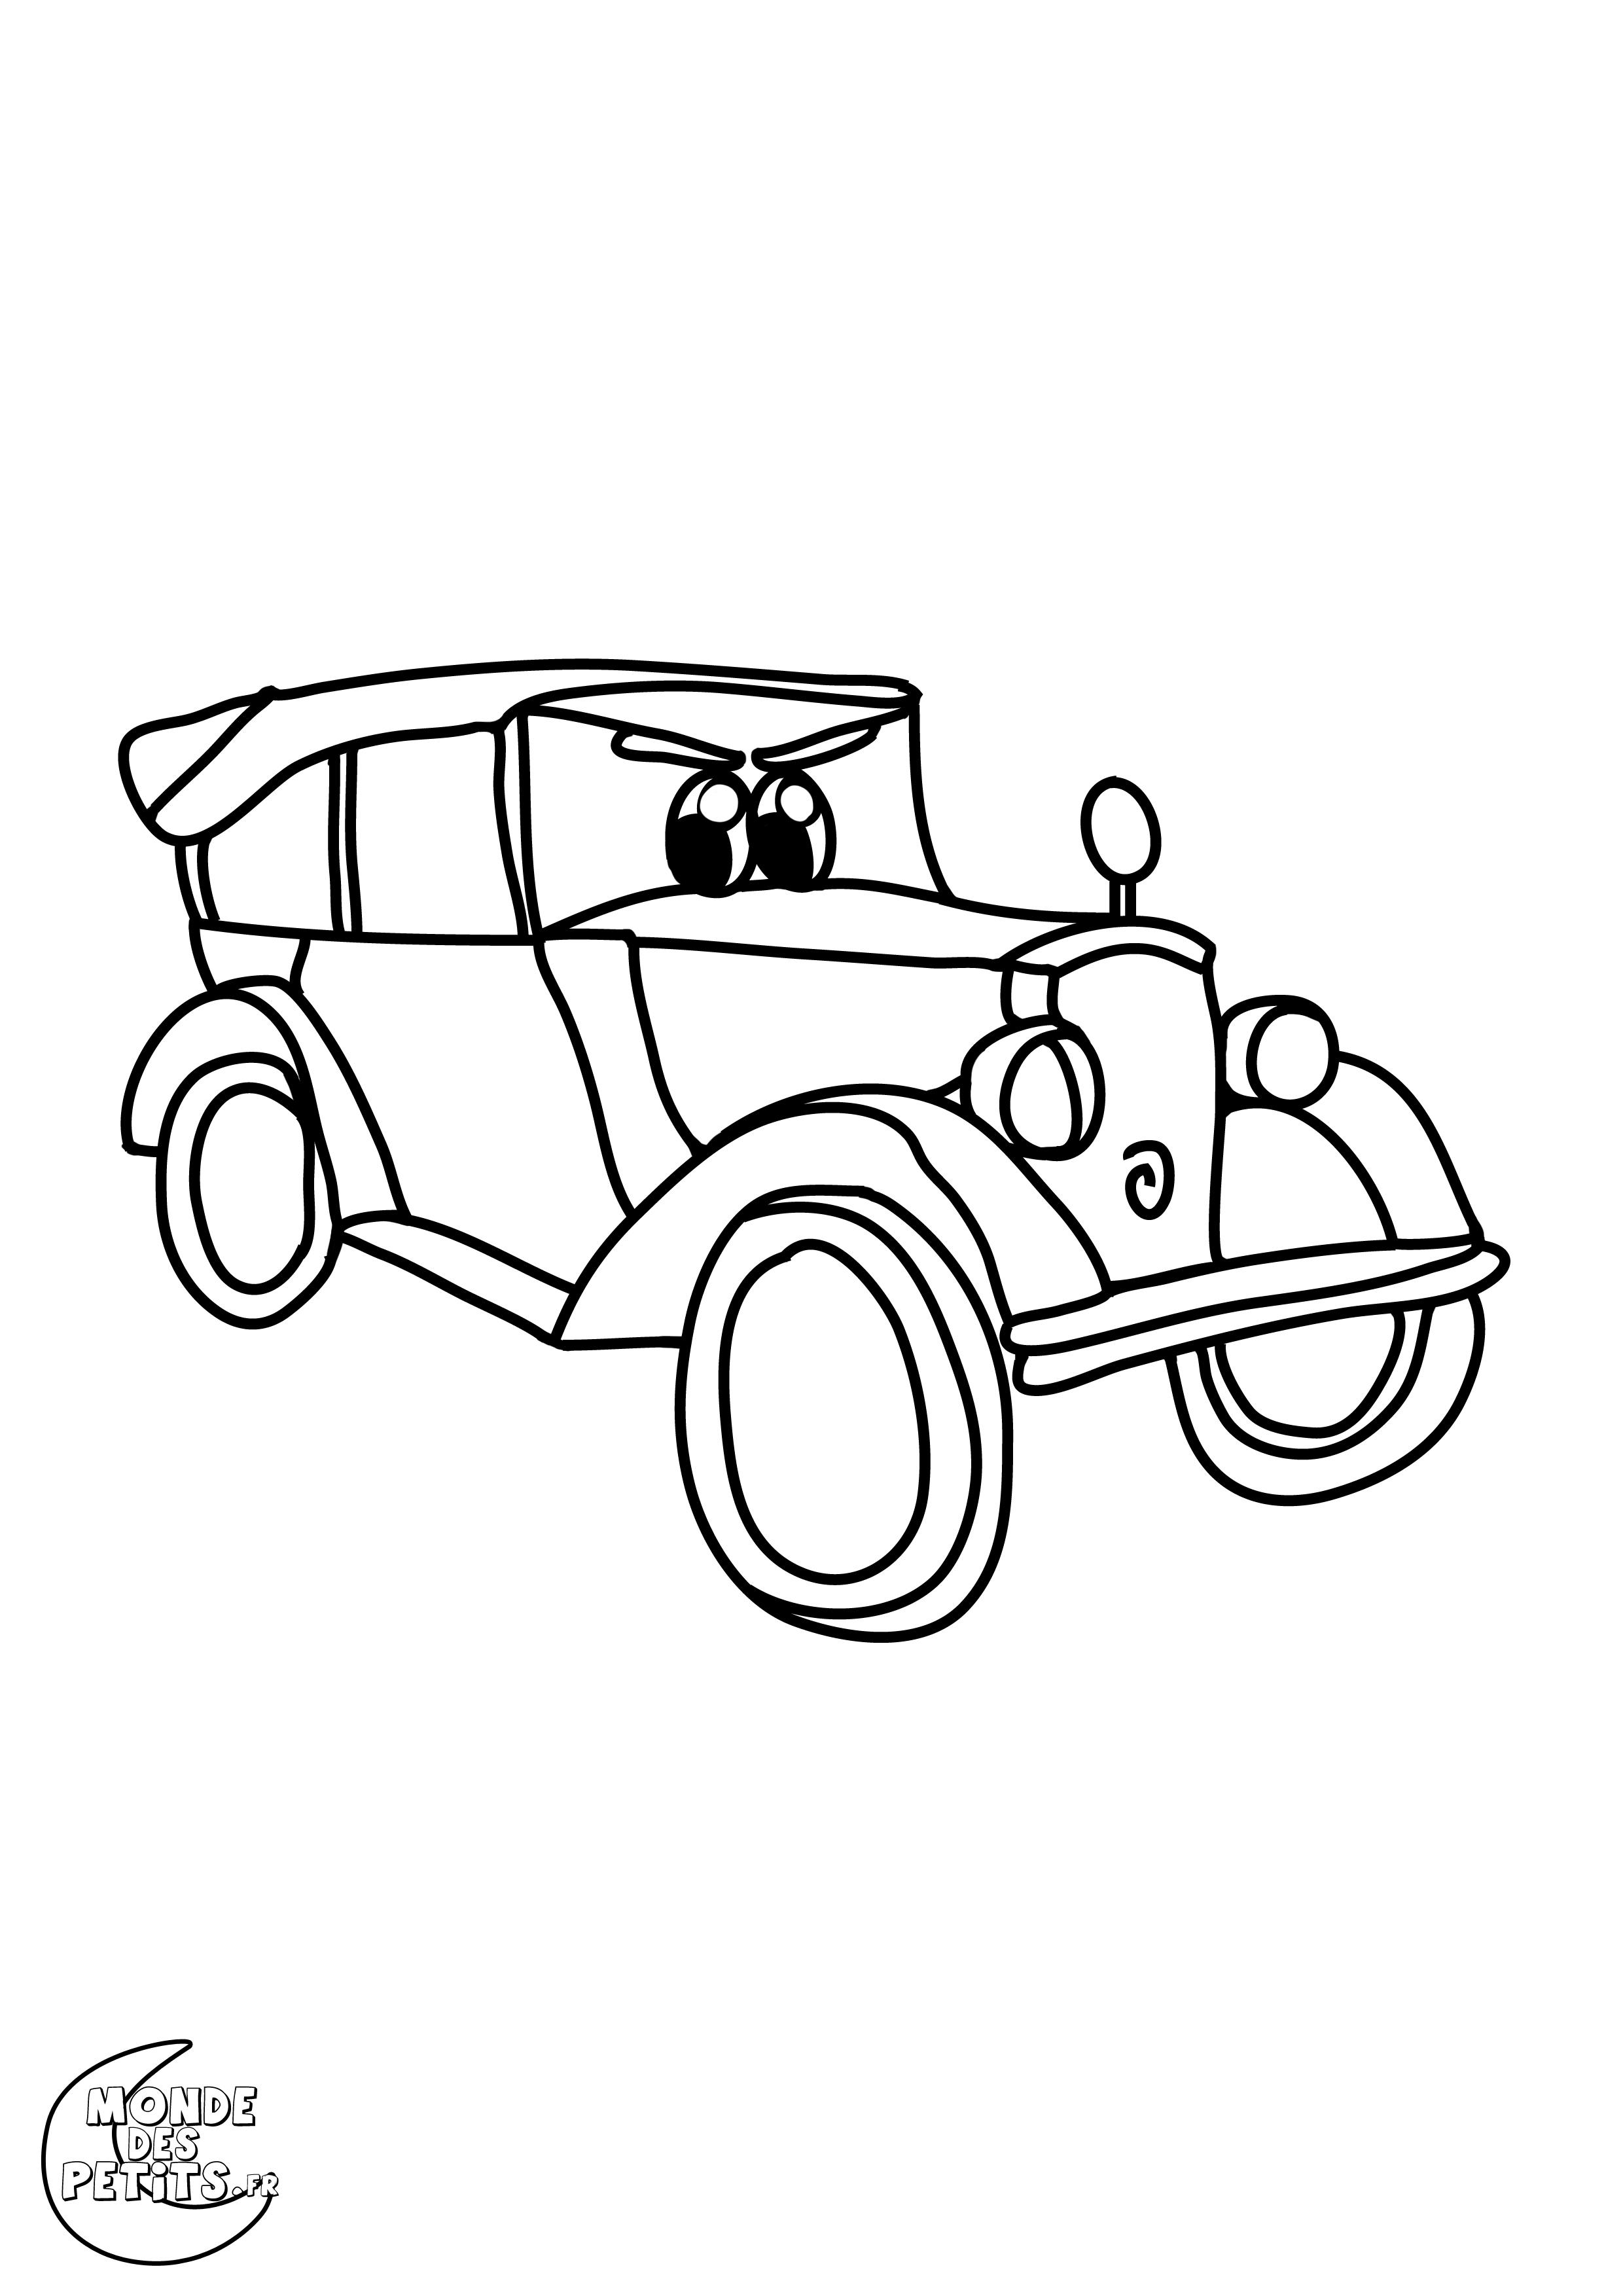 Dessins Gratuits À Colorier - Coloriage Voiture De Course À tout Coloriage Vehicule